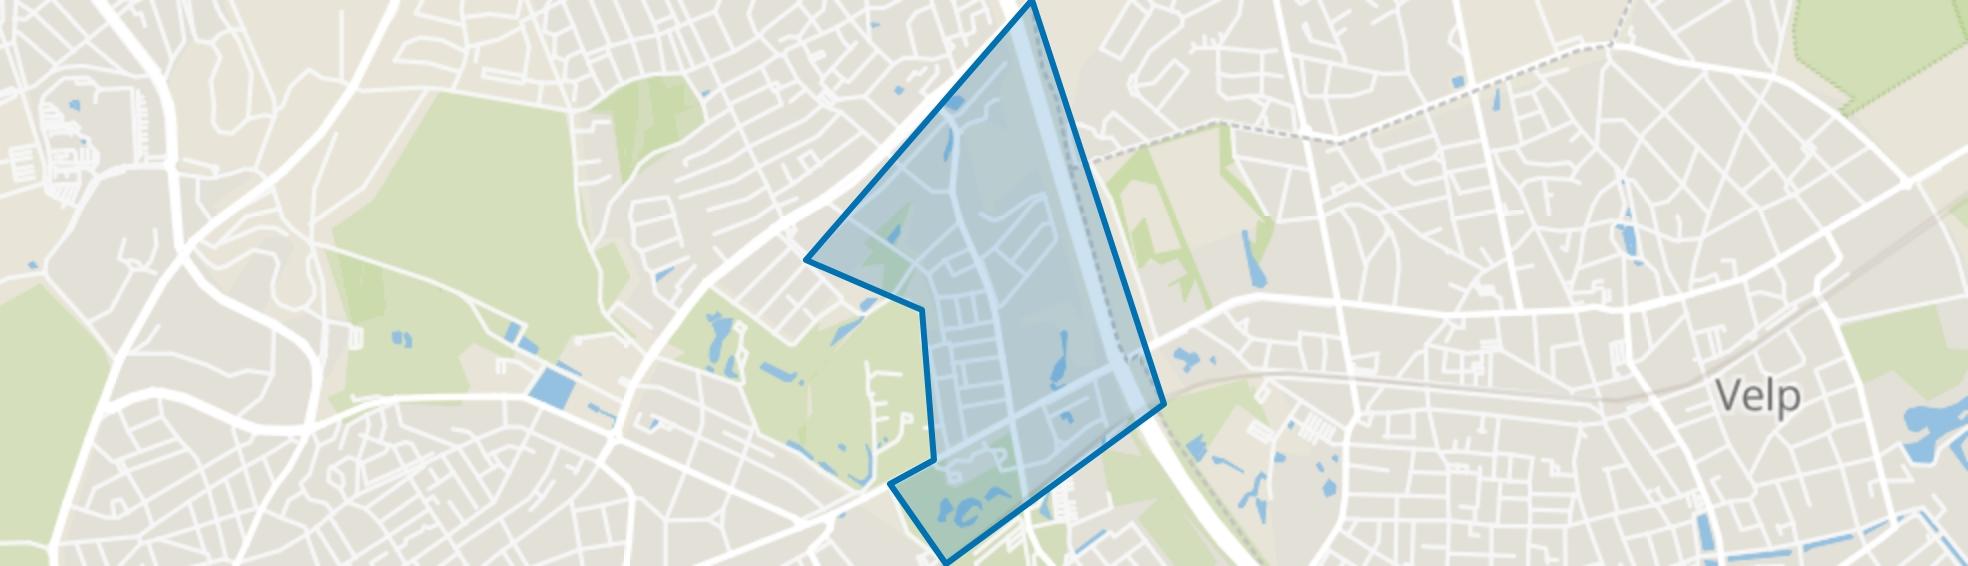 Paasberg, Arnhem map